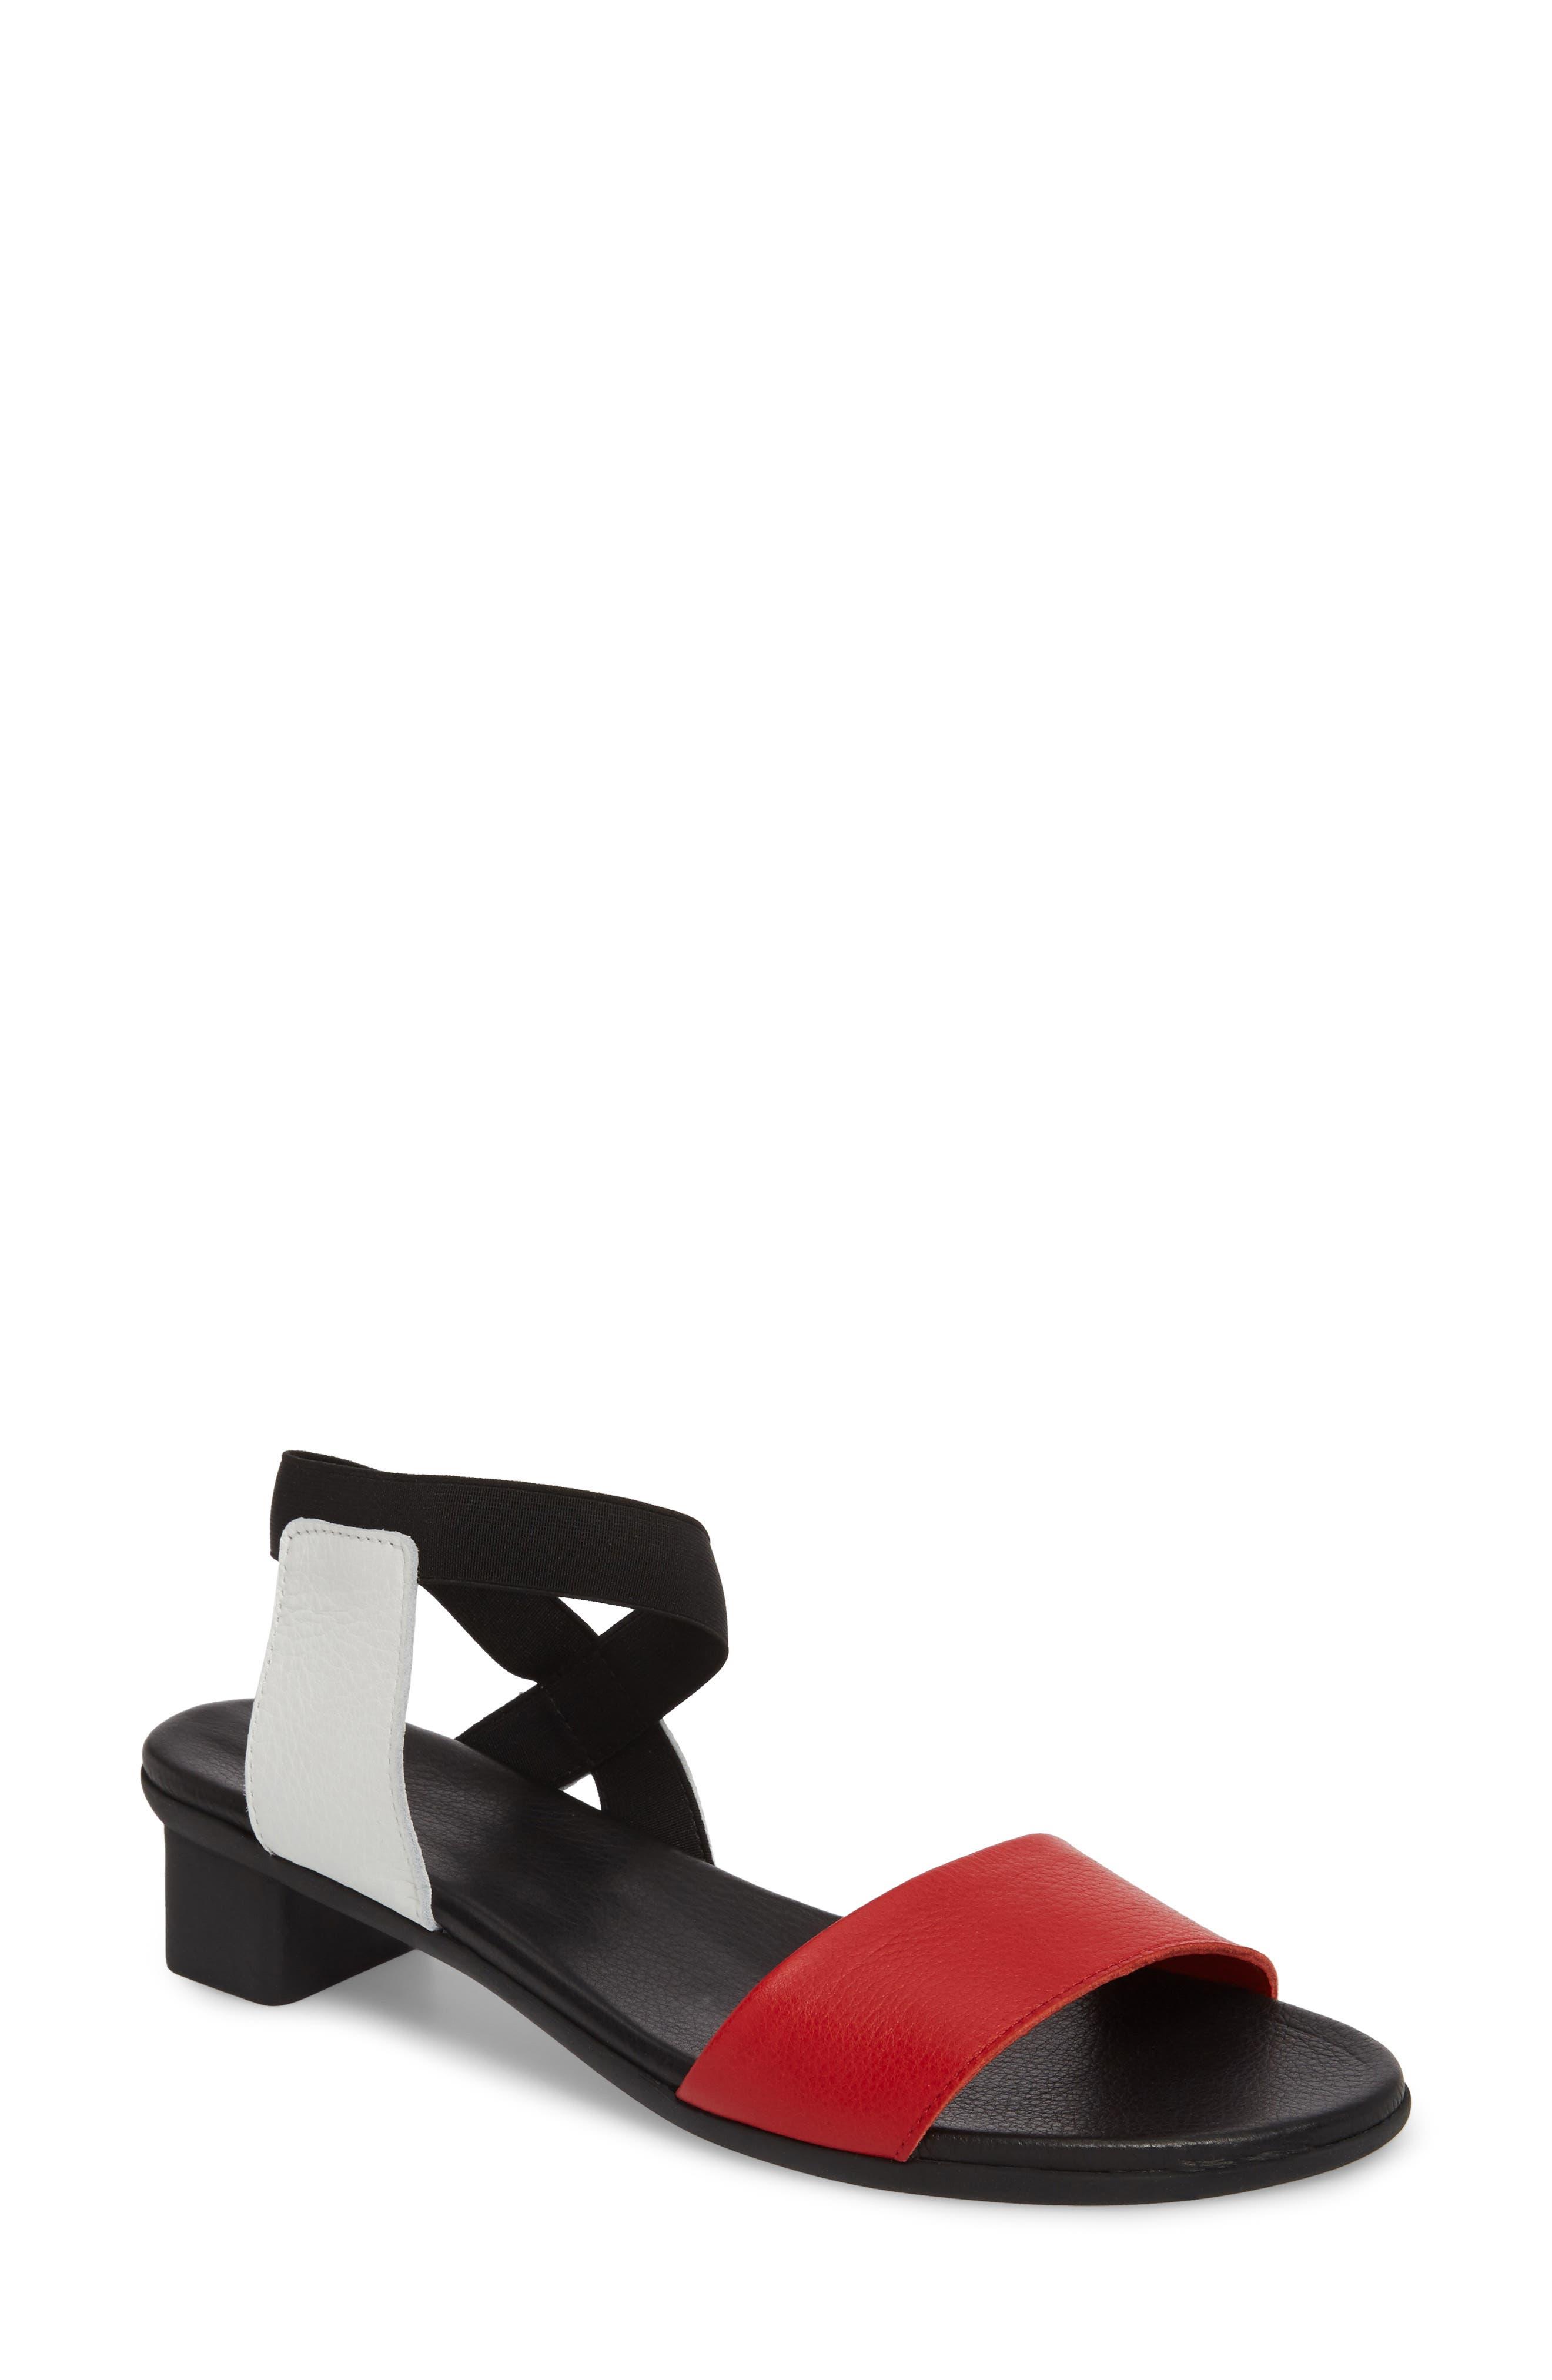 Obiaze Sandal,                         Main,                         color, 611